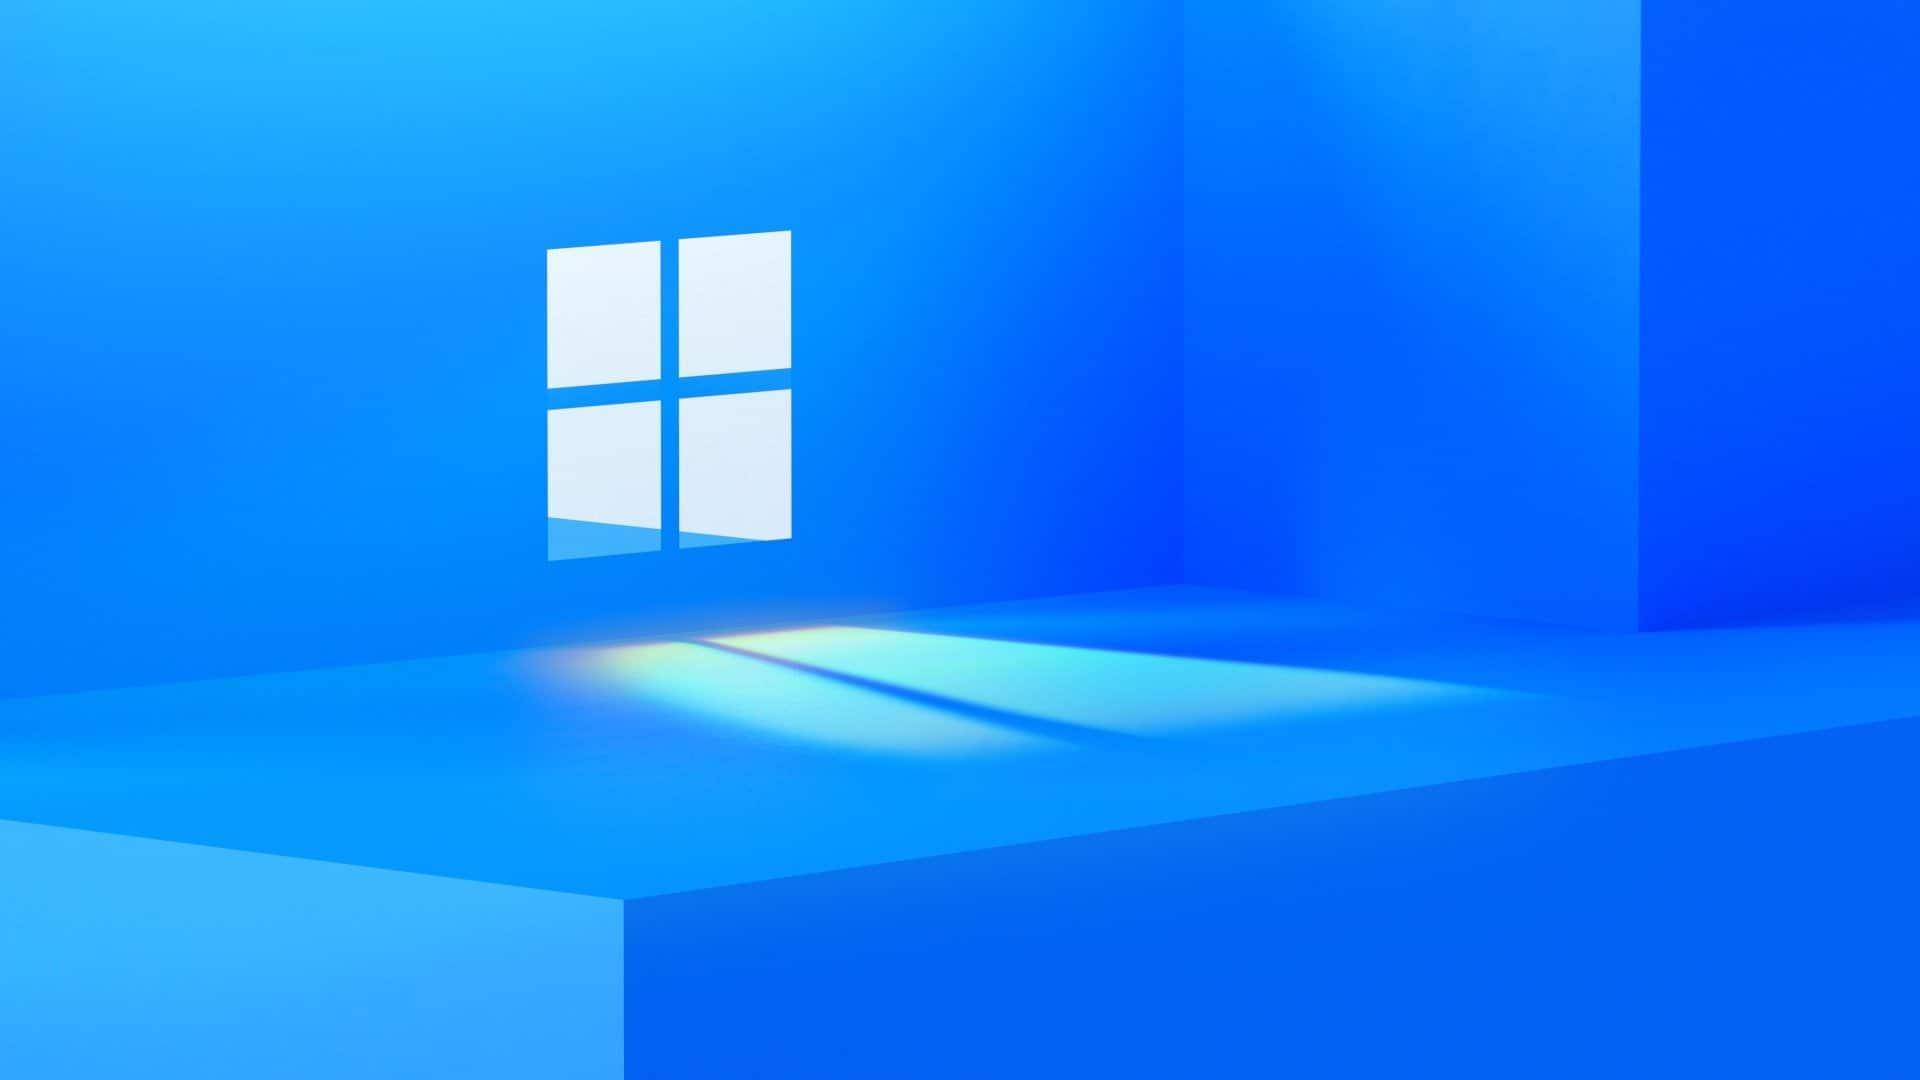 Windows 11 A